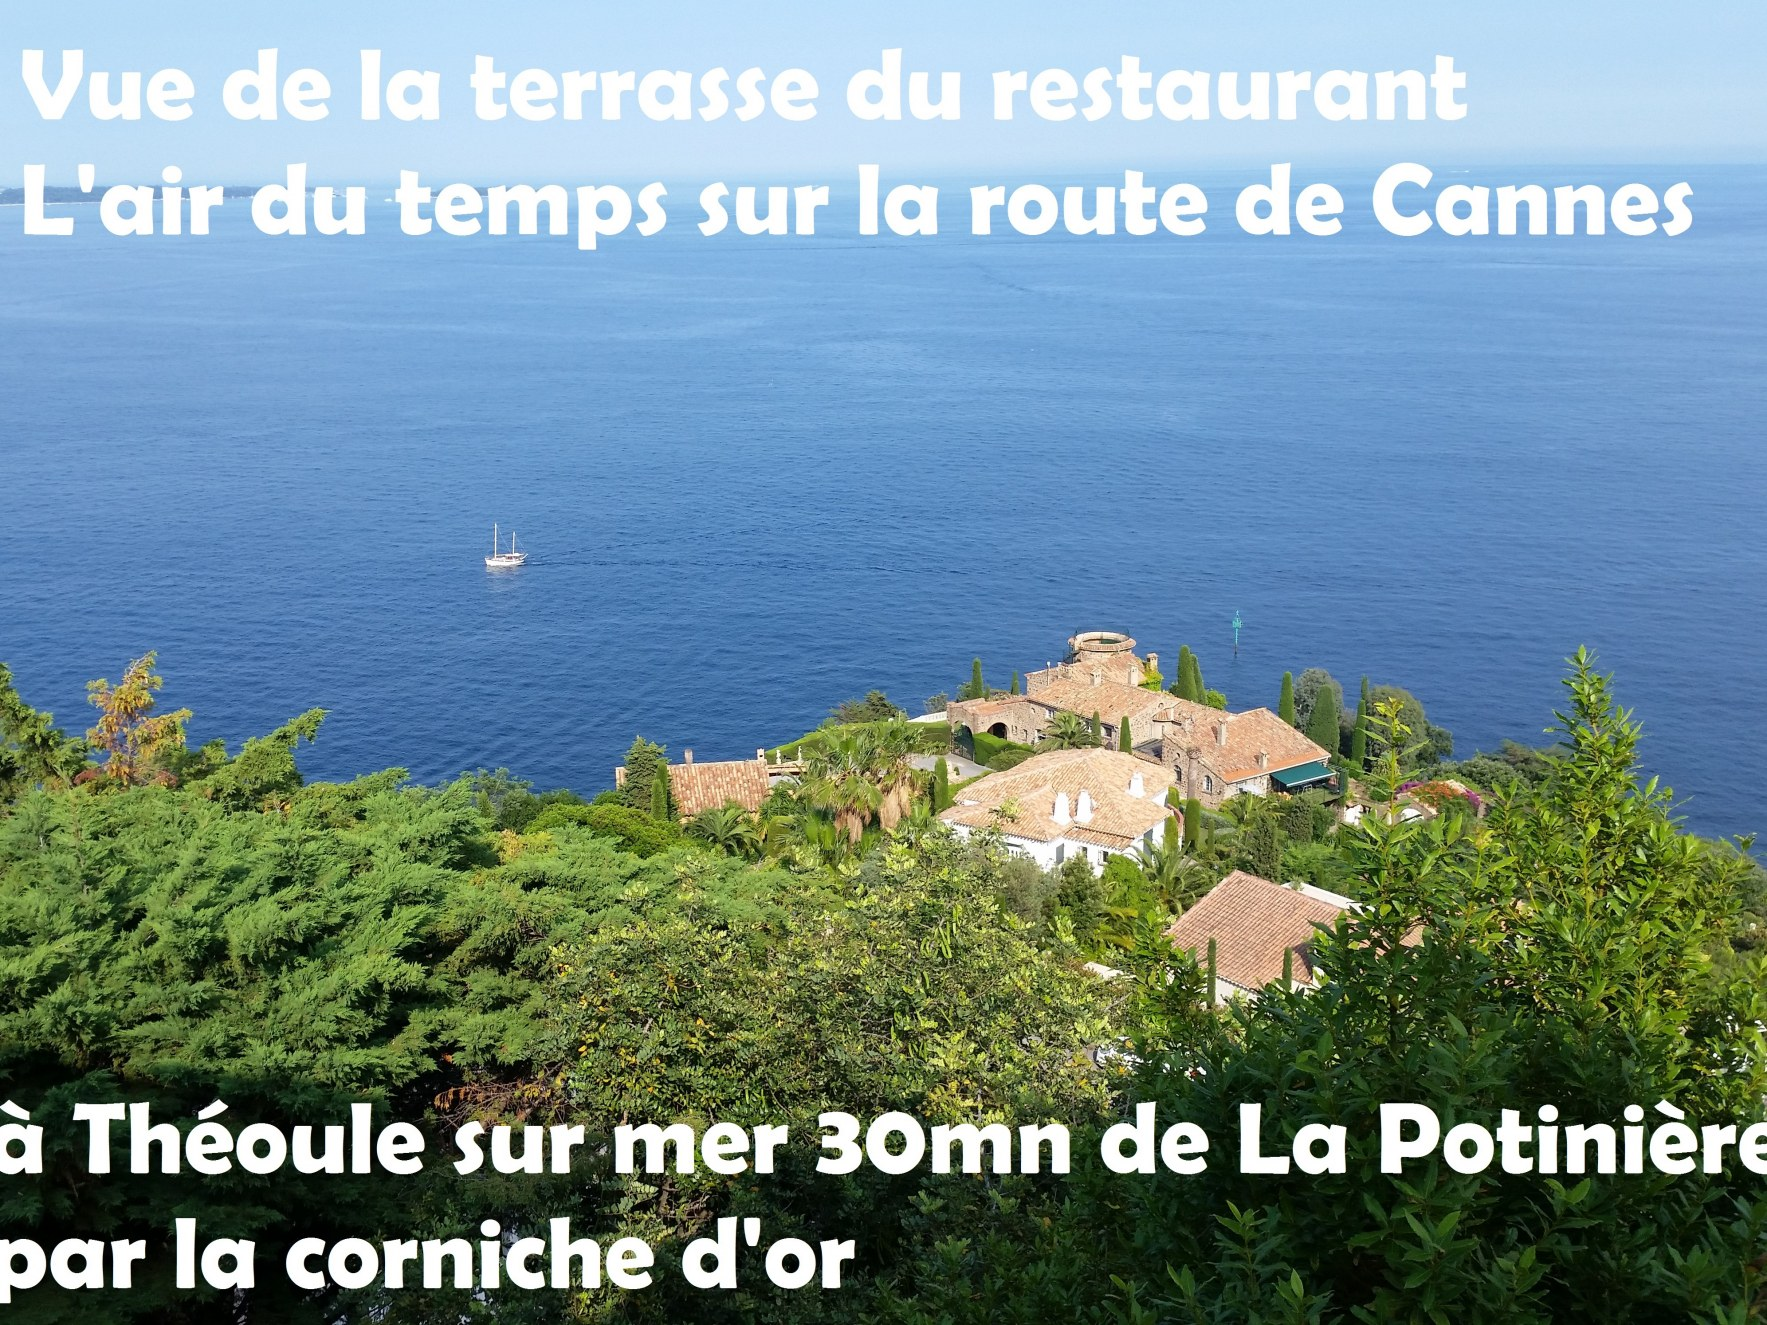 Bon Plan depuis saint raphael sur la route de cannes depuis chambres d'hotes La Potinière